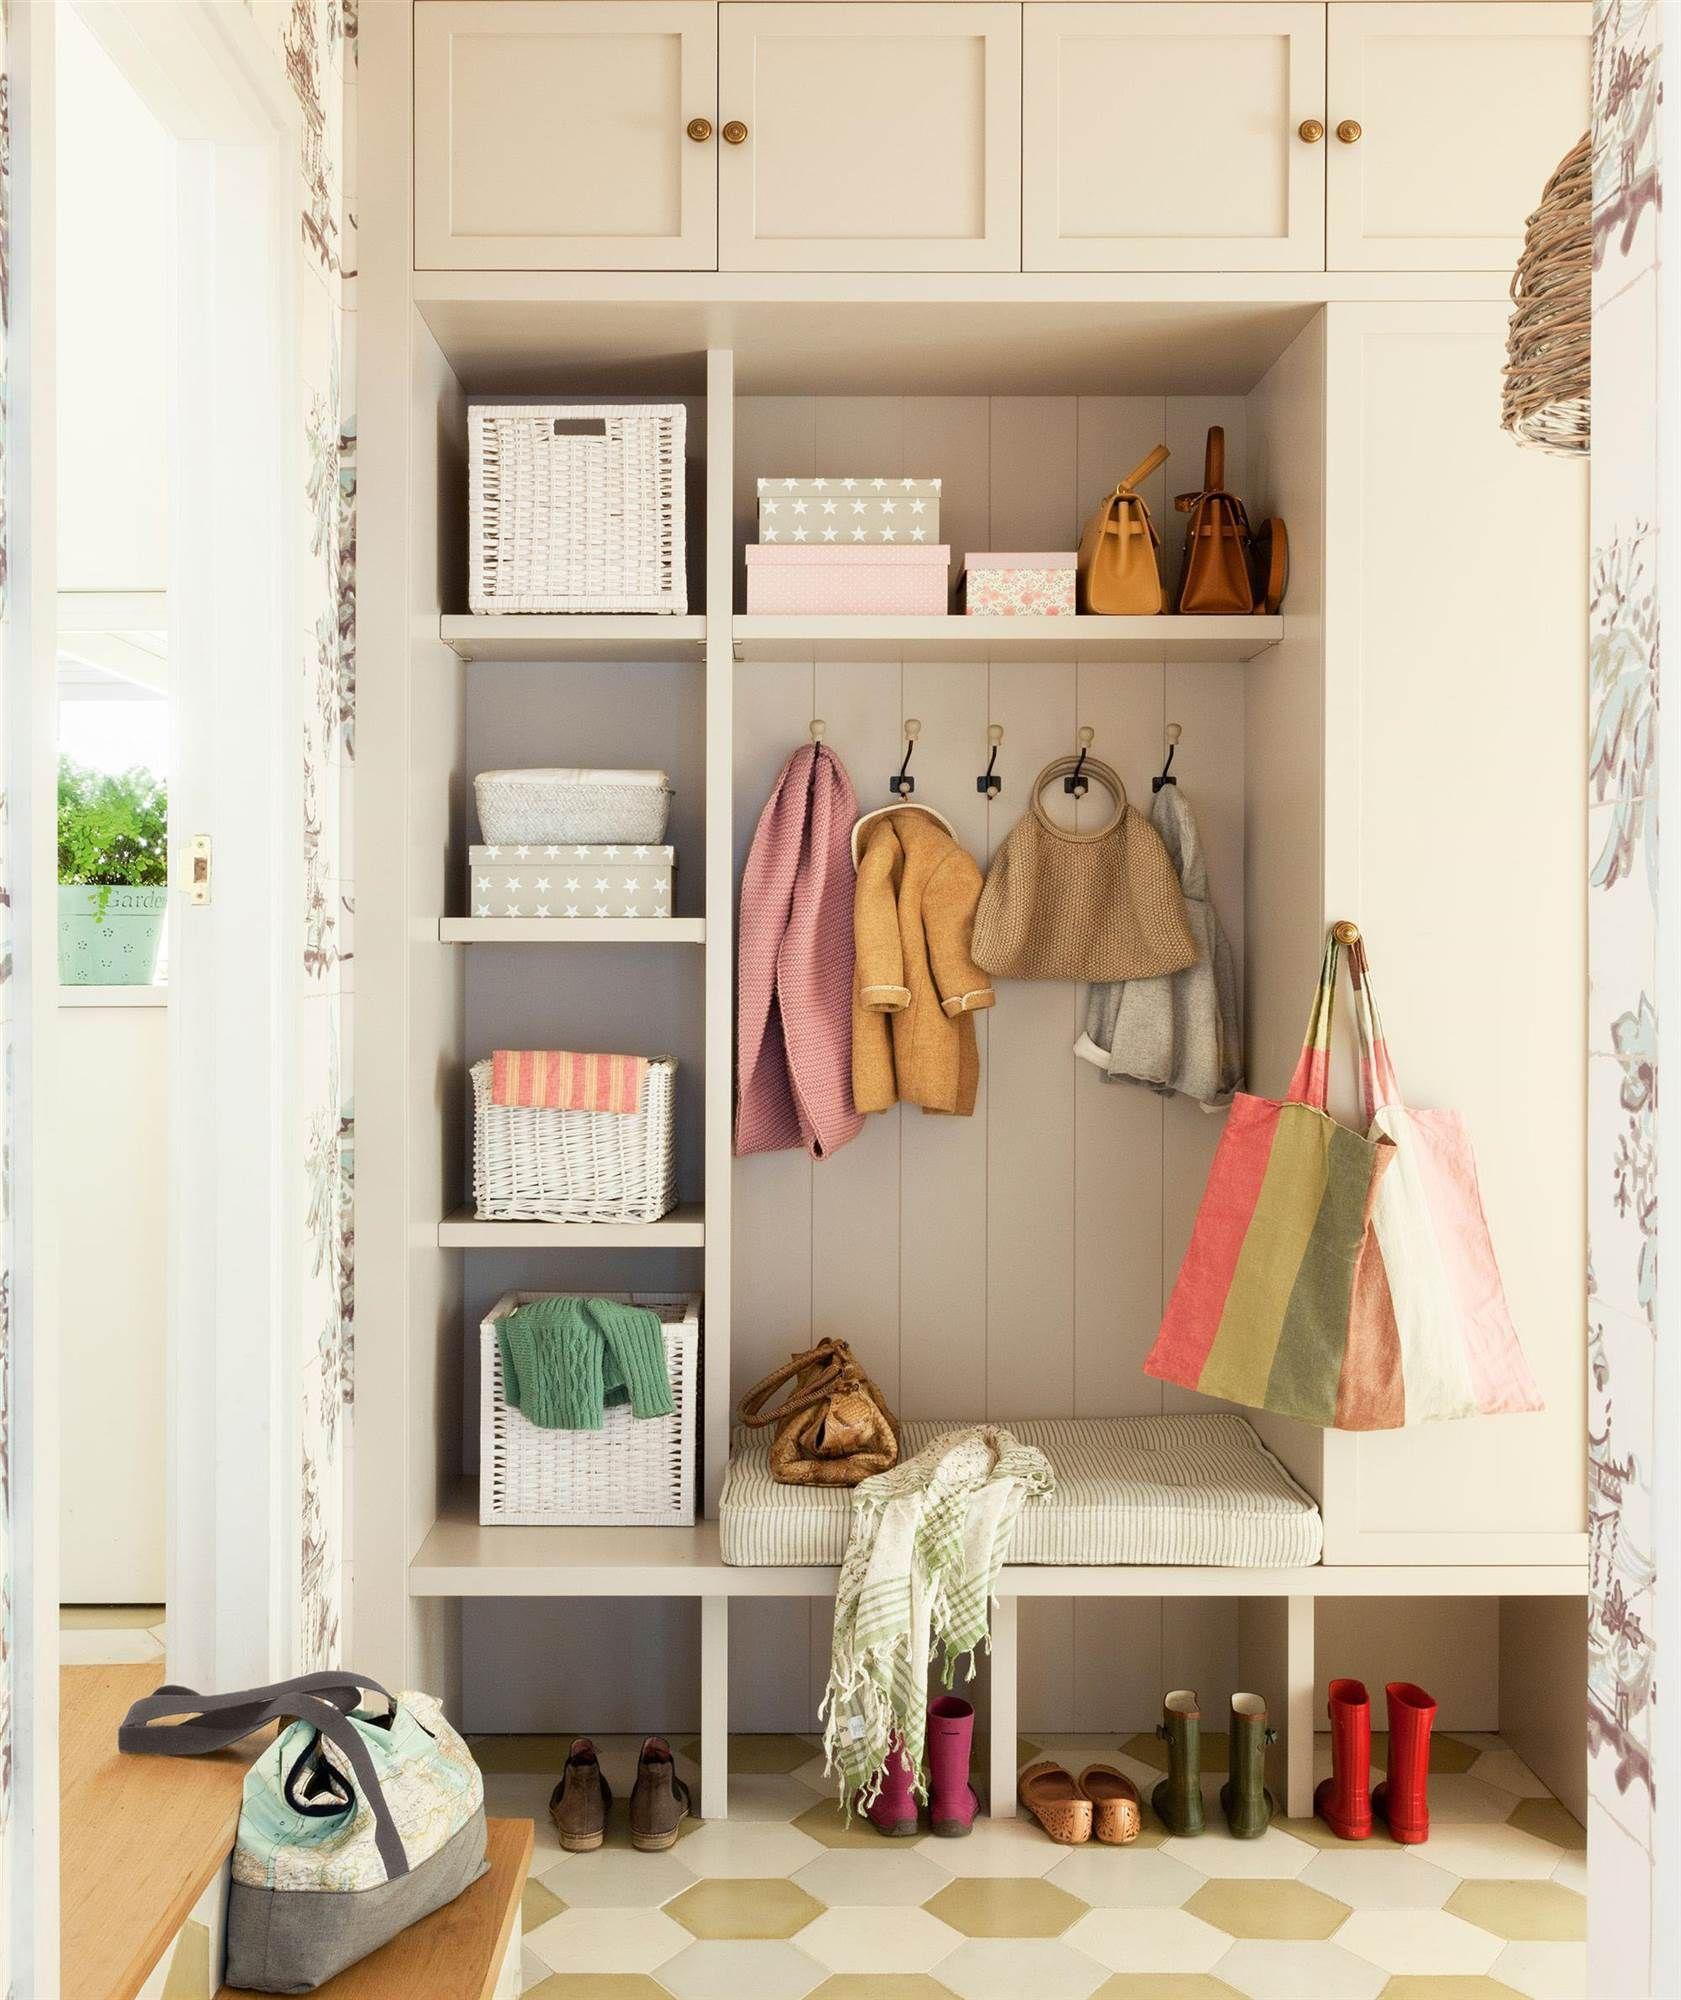 Armario de entrada con espacio para colgar abrigos y estantes para